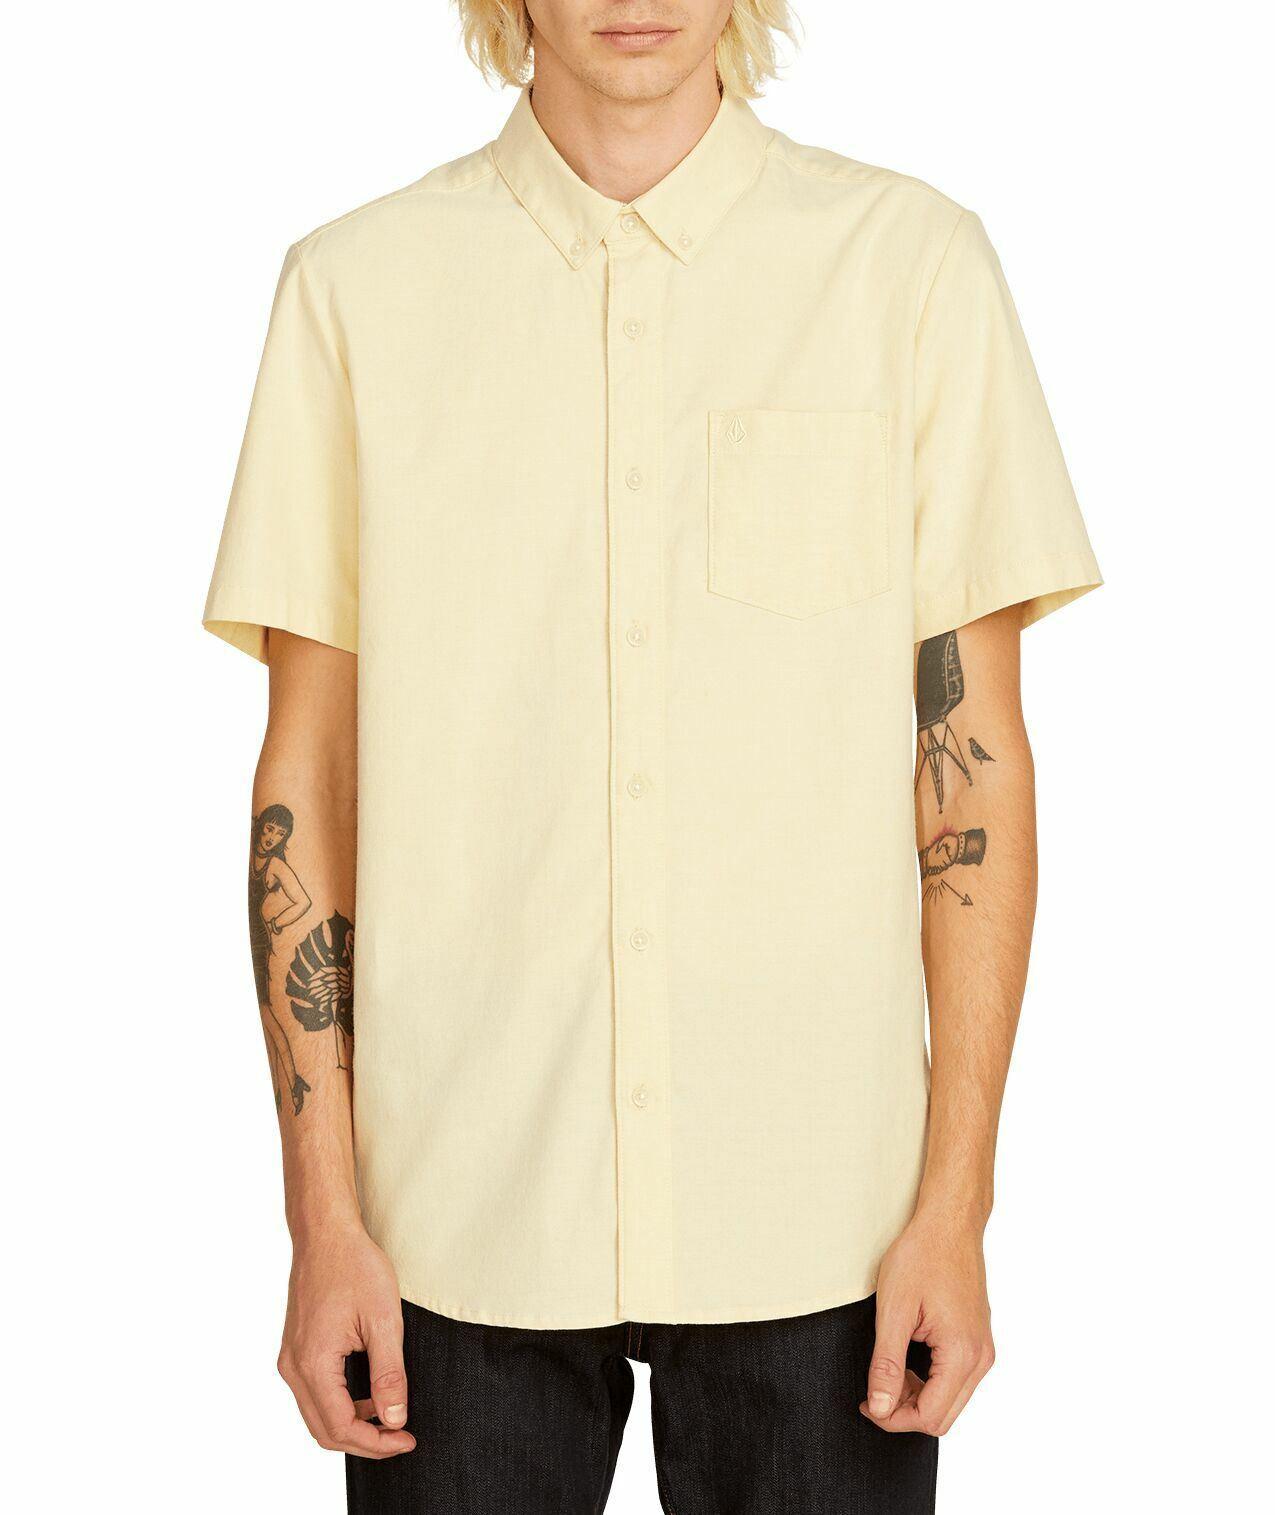 Volcom Herrenhemd  Everett Oxford